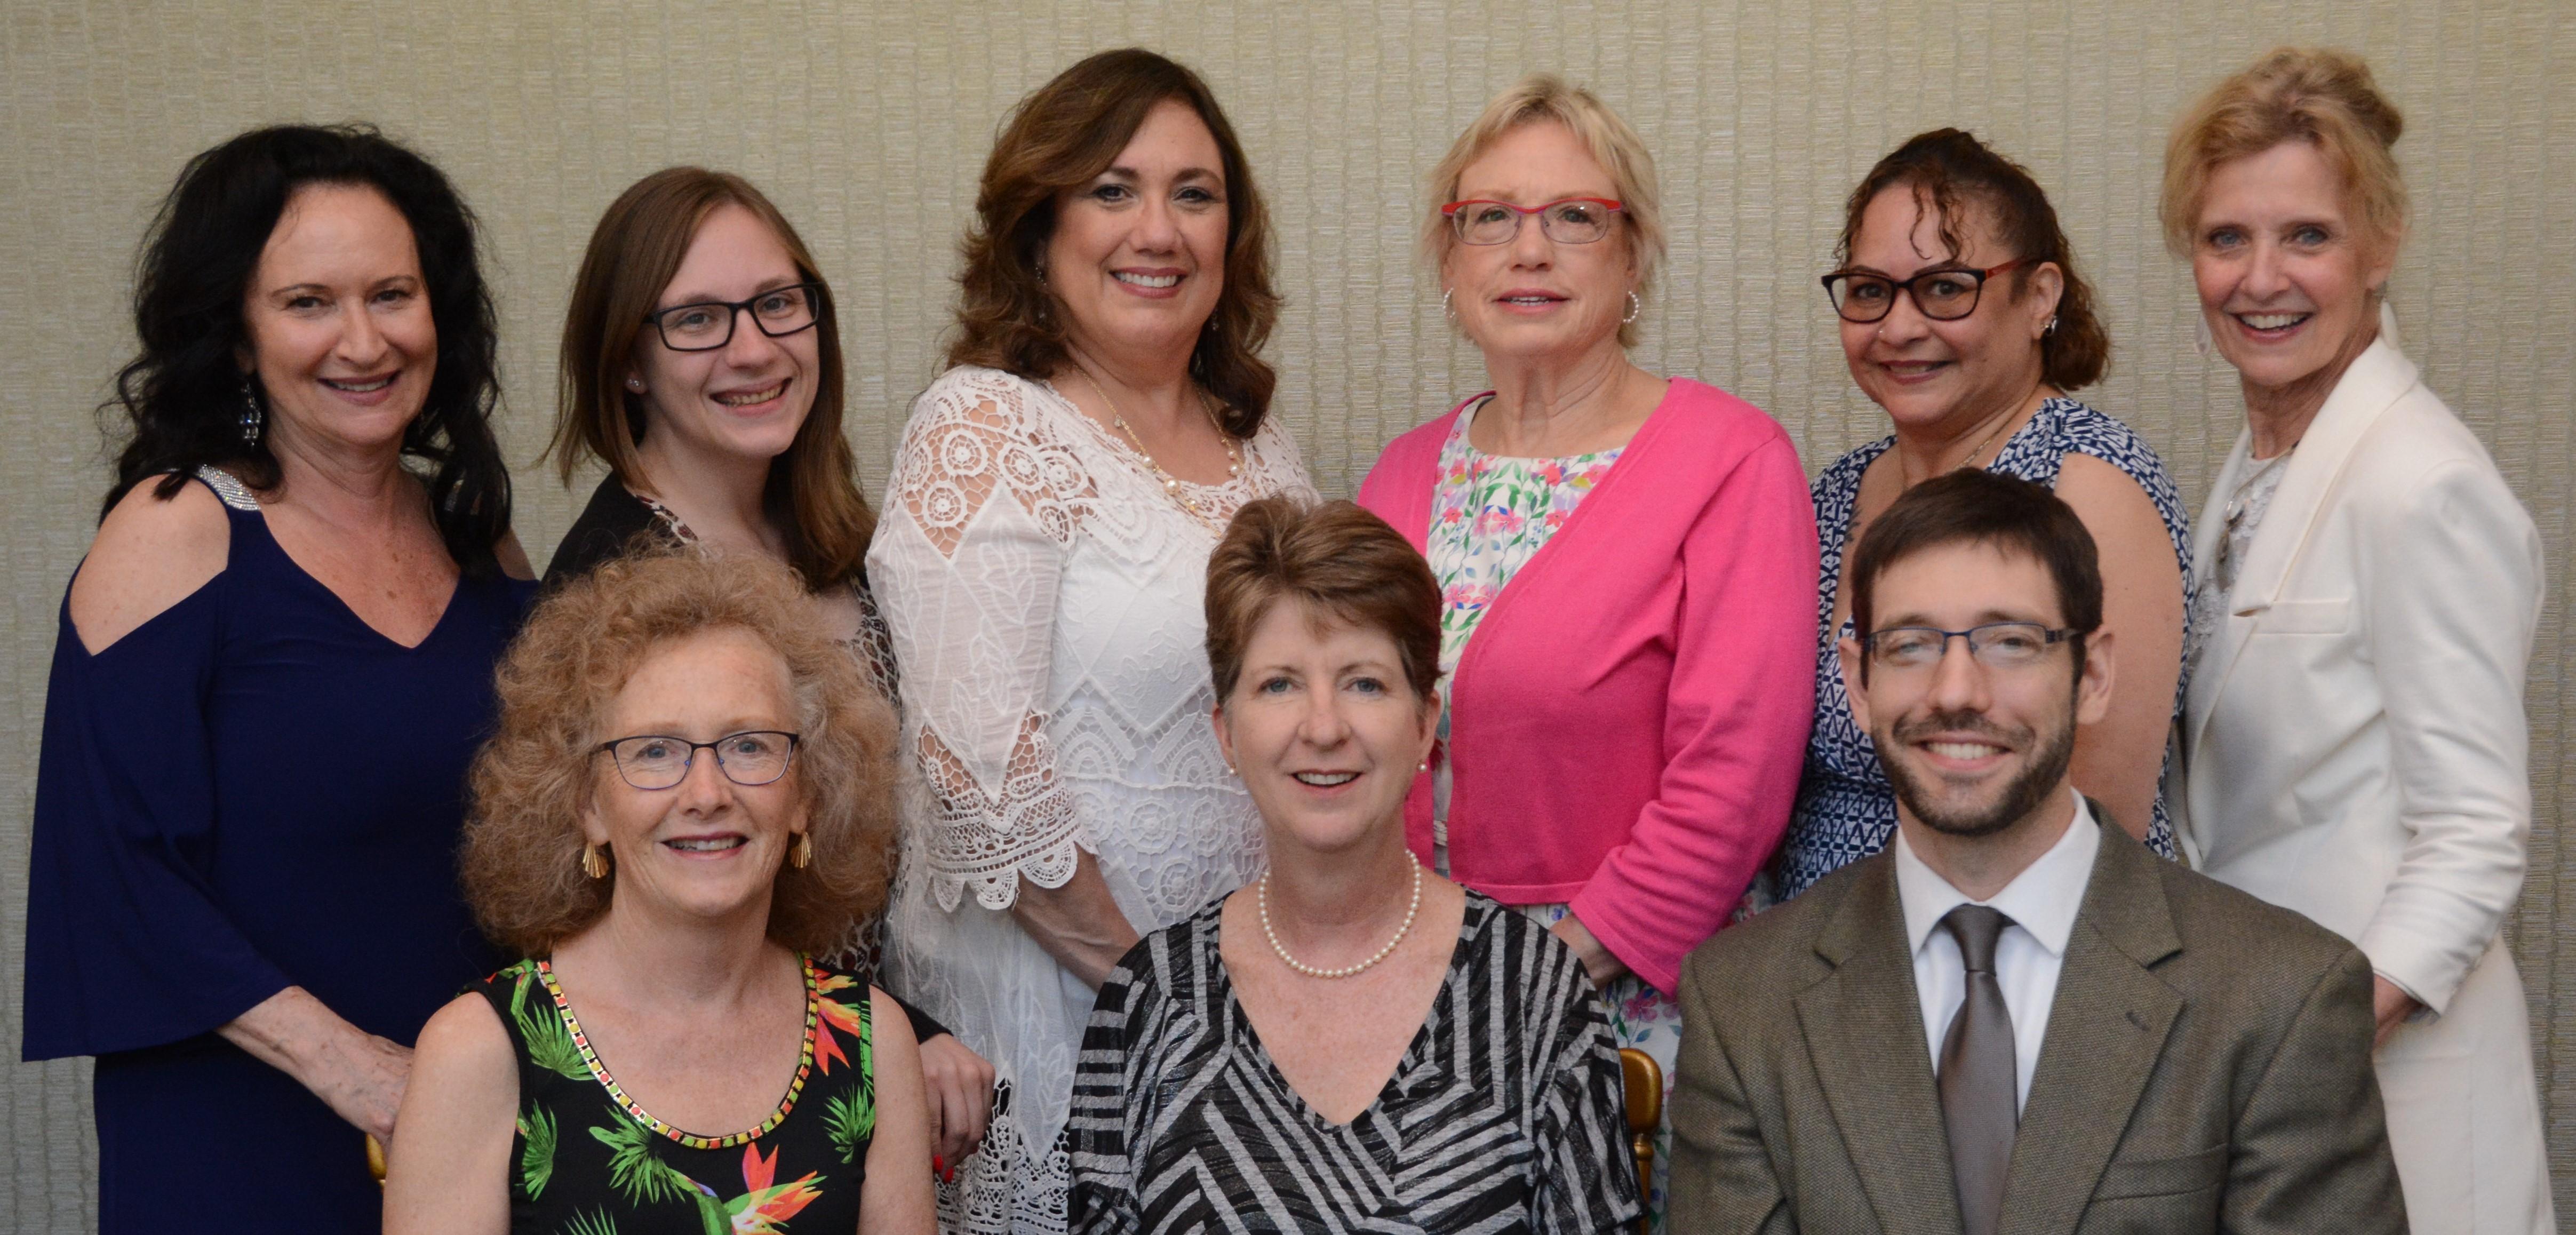 MorningStar Family Health Center image 1